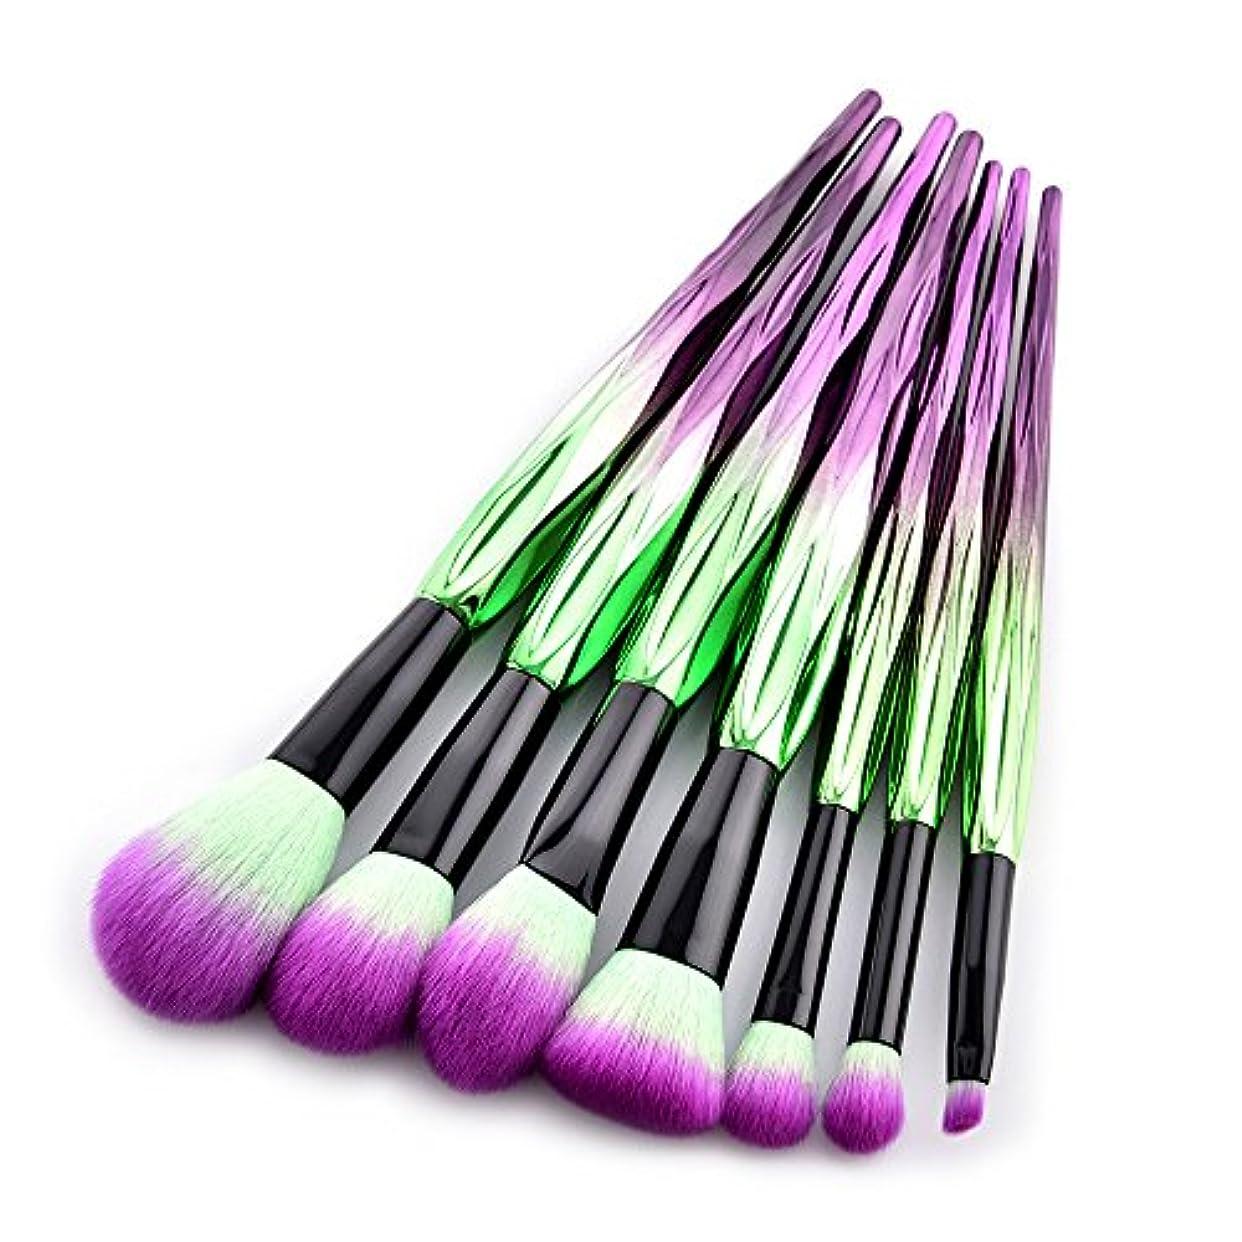 ジョセフバンクス一流先見の明(プタス)Putars メイクブラシ メイクブラシセット 7本セット 22*12*1.4cm 紫 緑 ベースメイク 化粧ブラシ ふわふわ お肌に優しい 毛量たっぷり メイク道具 プレゼント